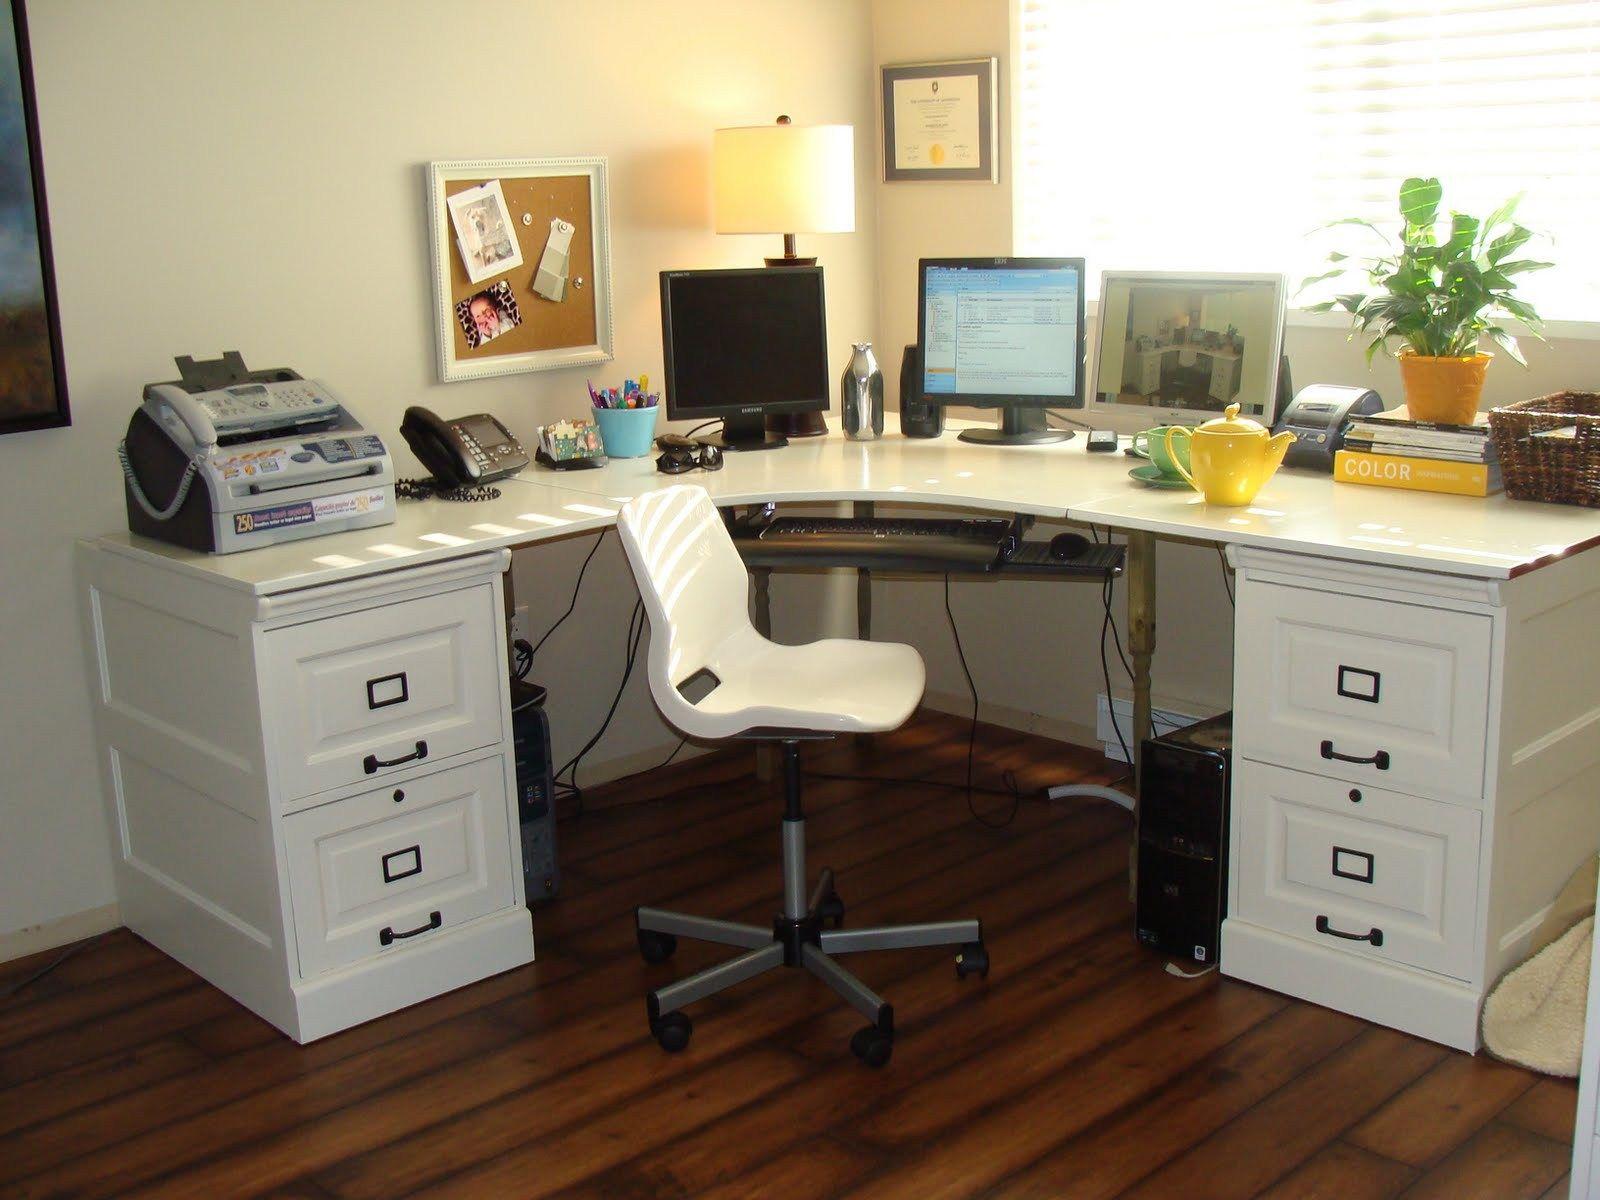 Diy Office Desk Ideas With Images Diy Desk Plans Large Corner